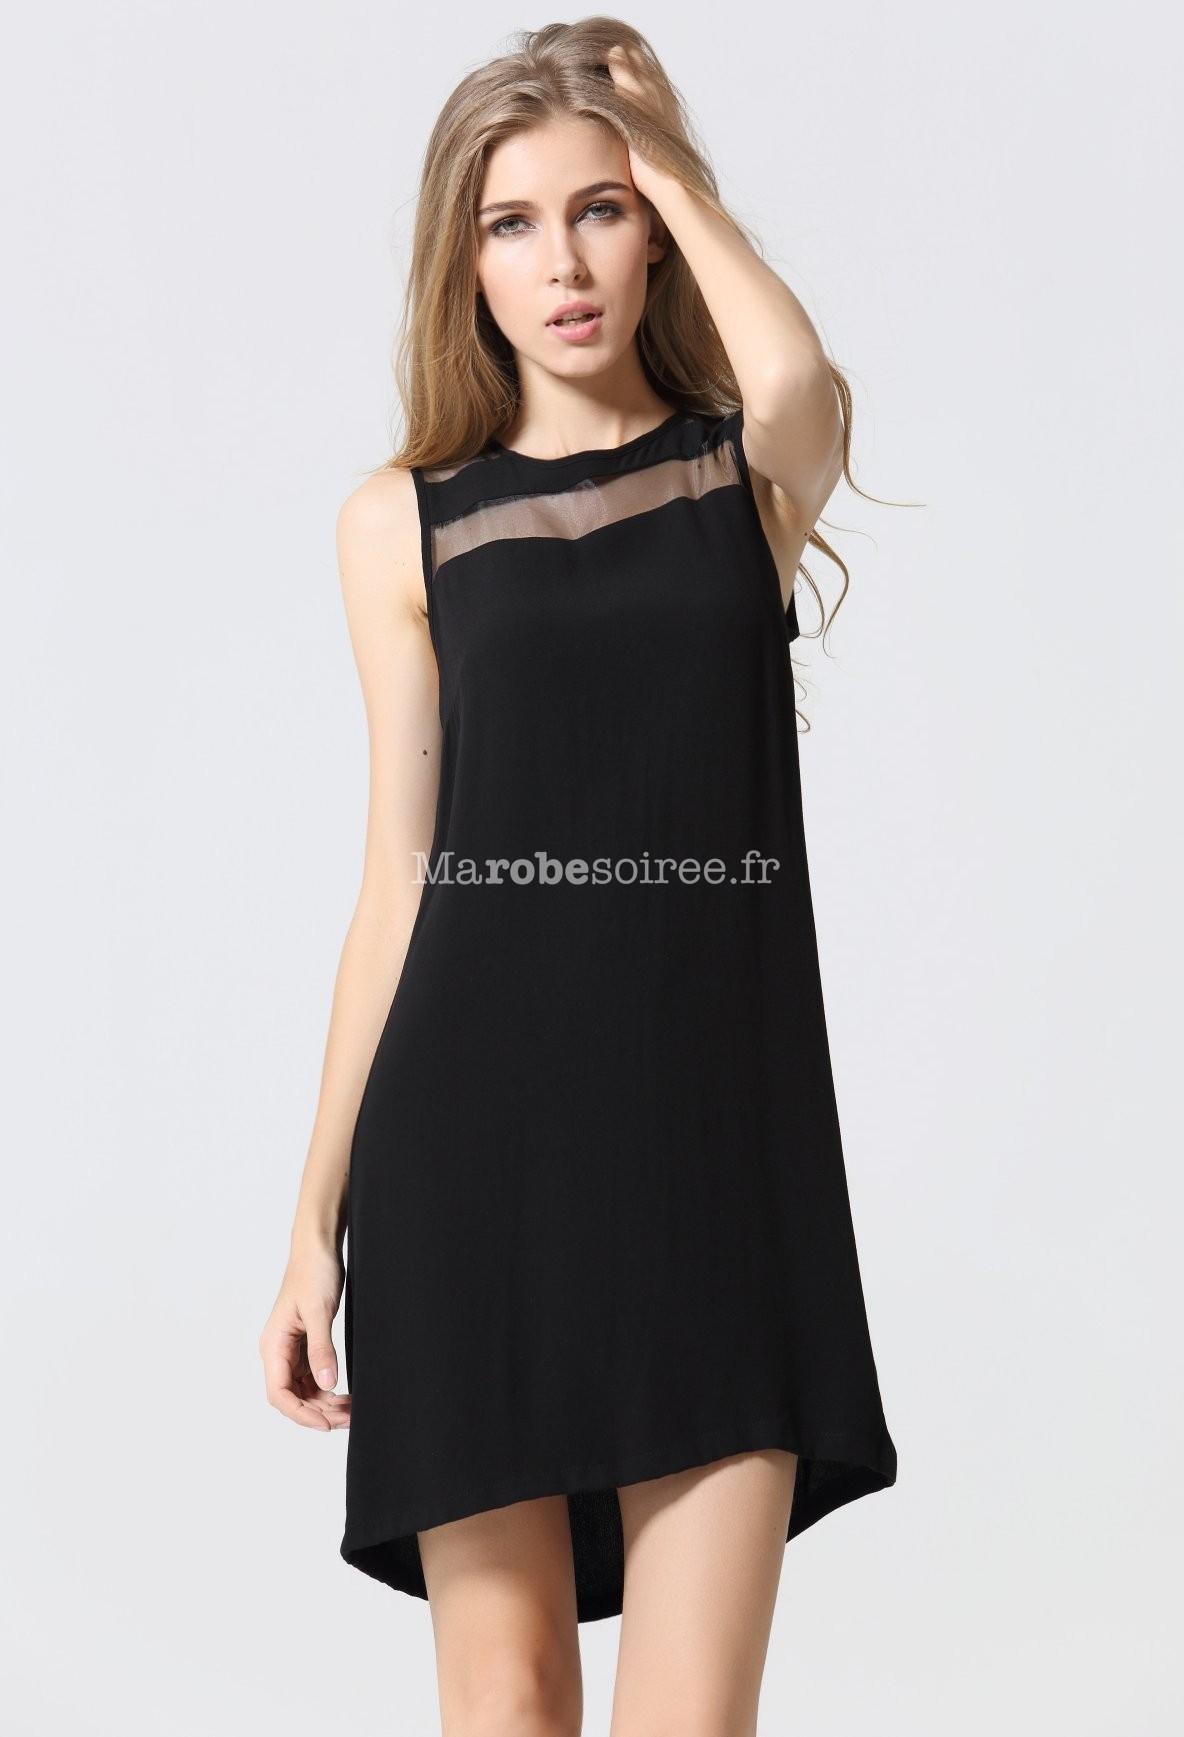 Petite robe noire en voile